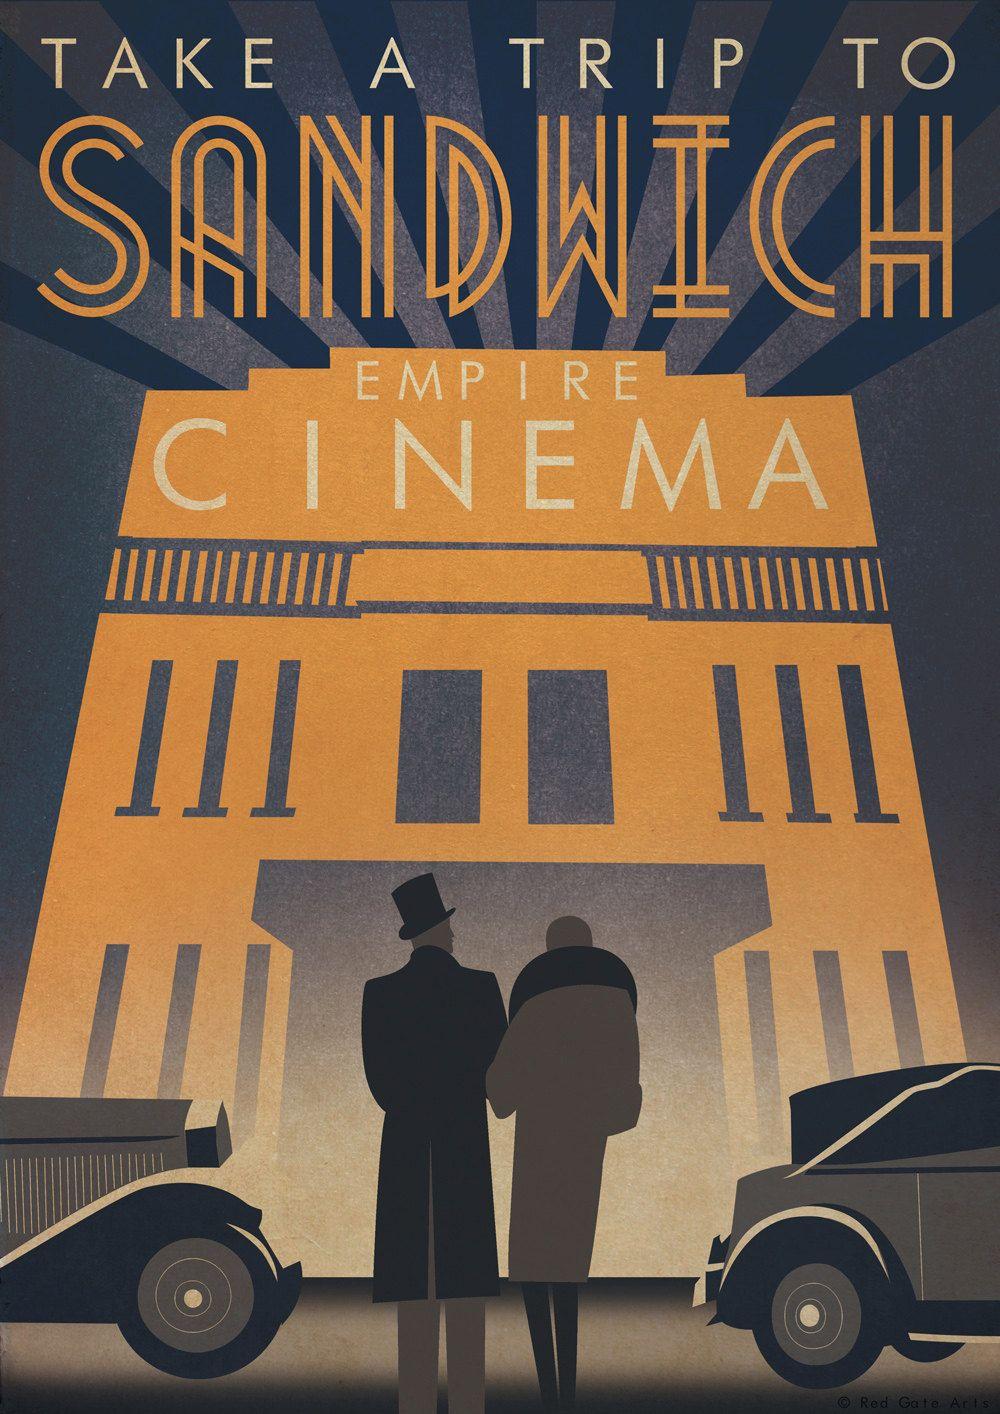 Poster design 1920s - Original Design Art Deco Bauhaus A3 A2 A1 Poster Print Vintage Sandwich Cinema 1930 S Car Architecture 1940 S Vogue